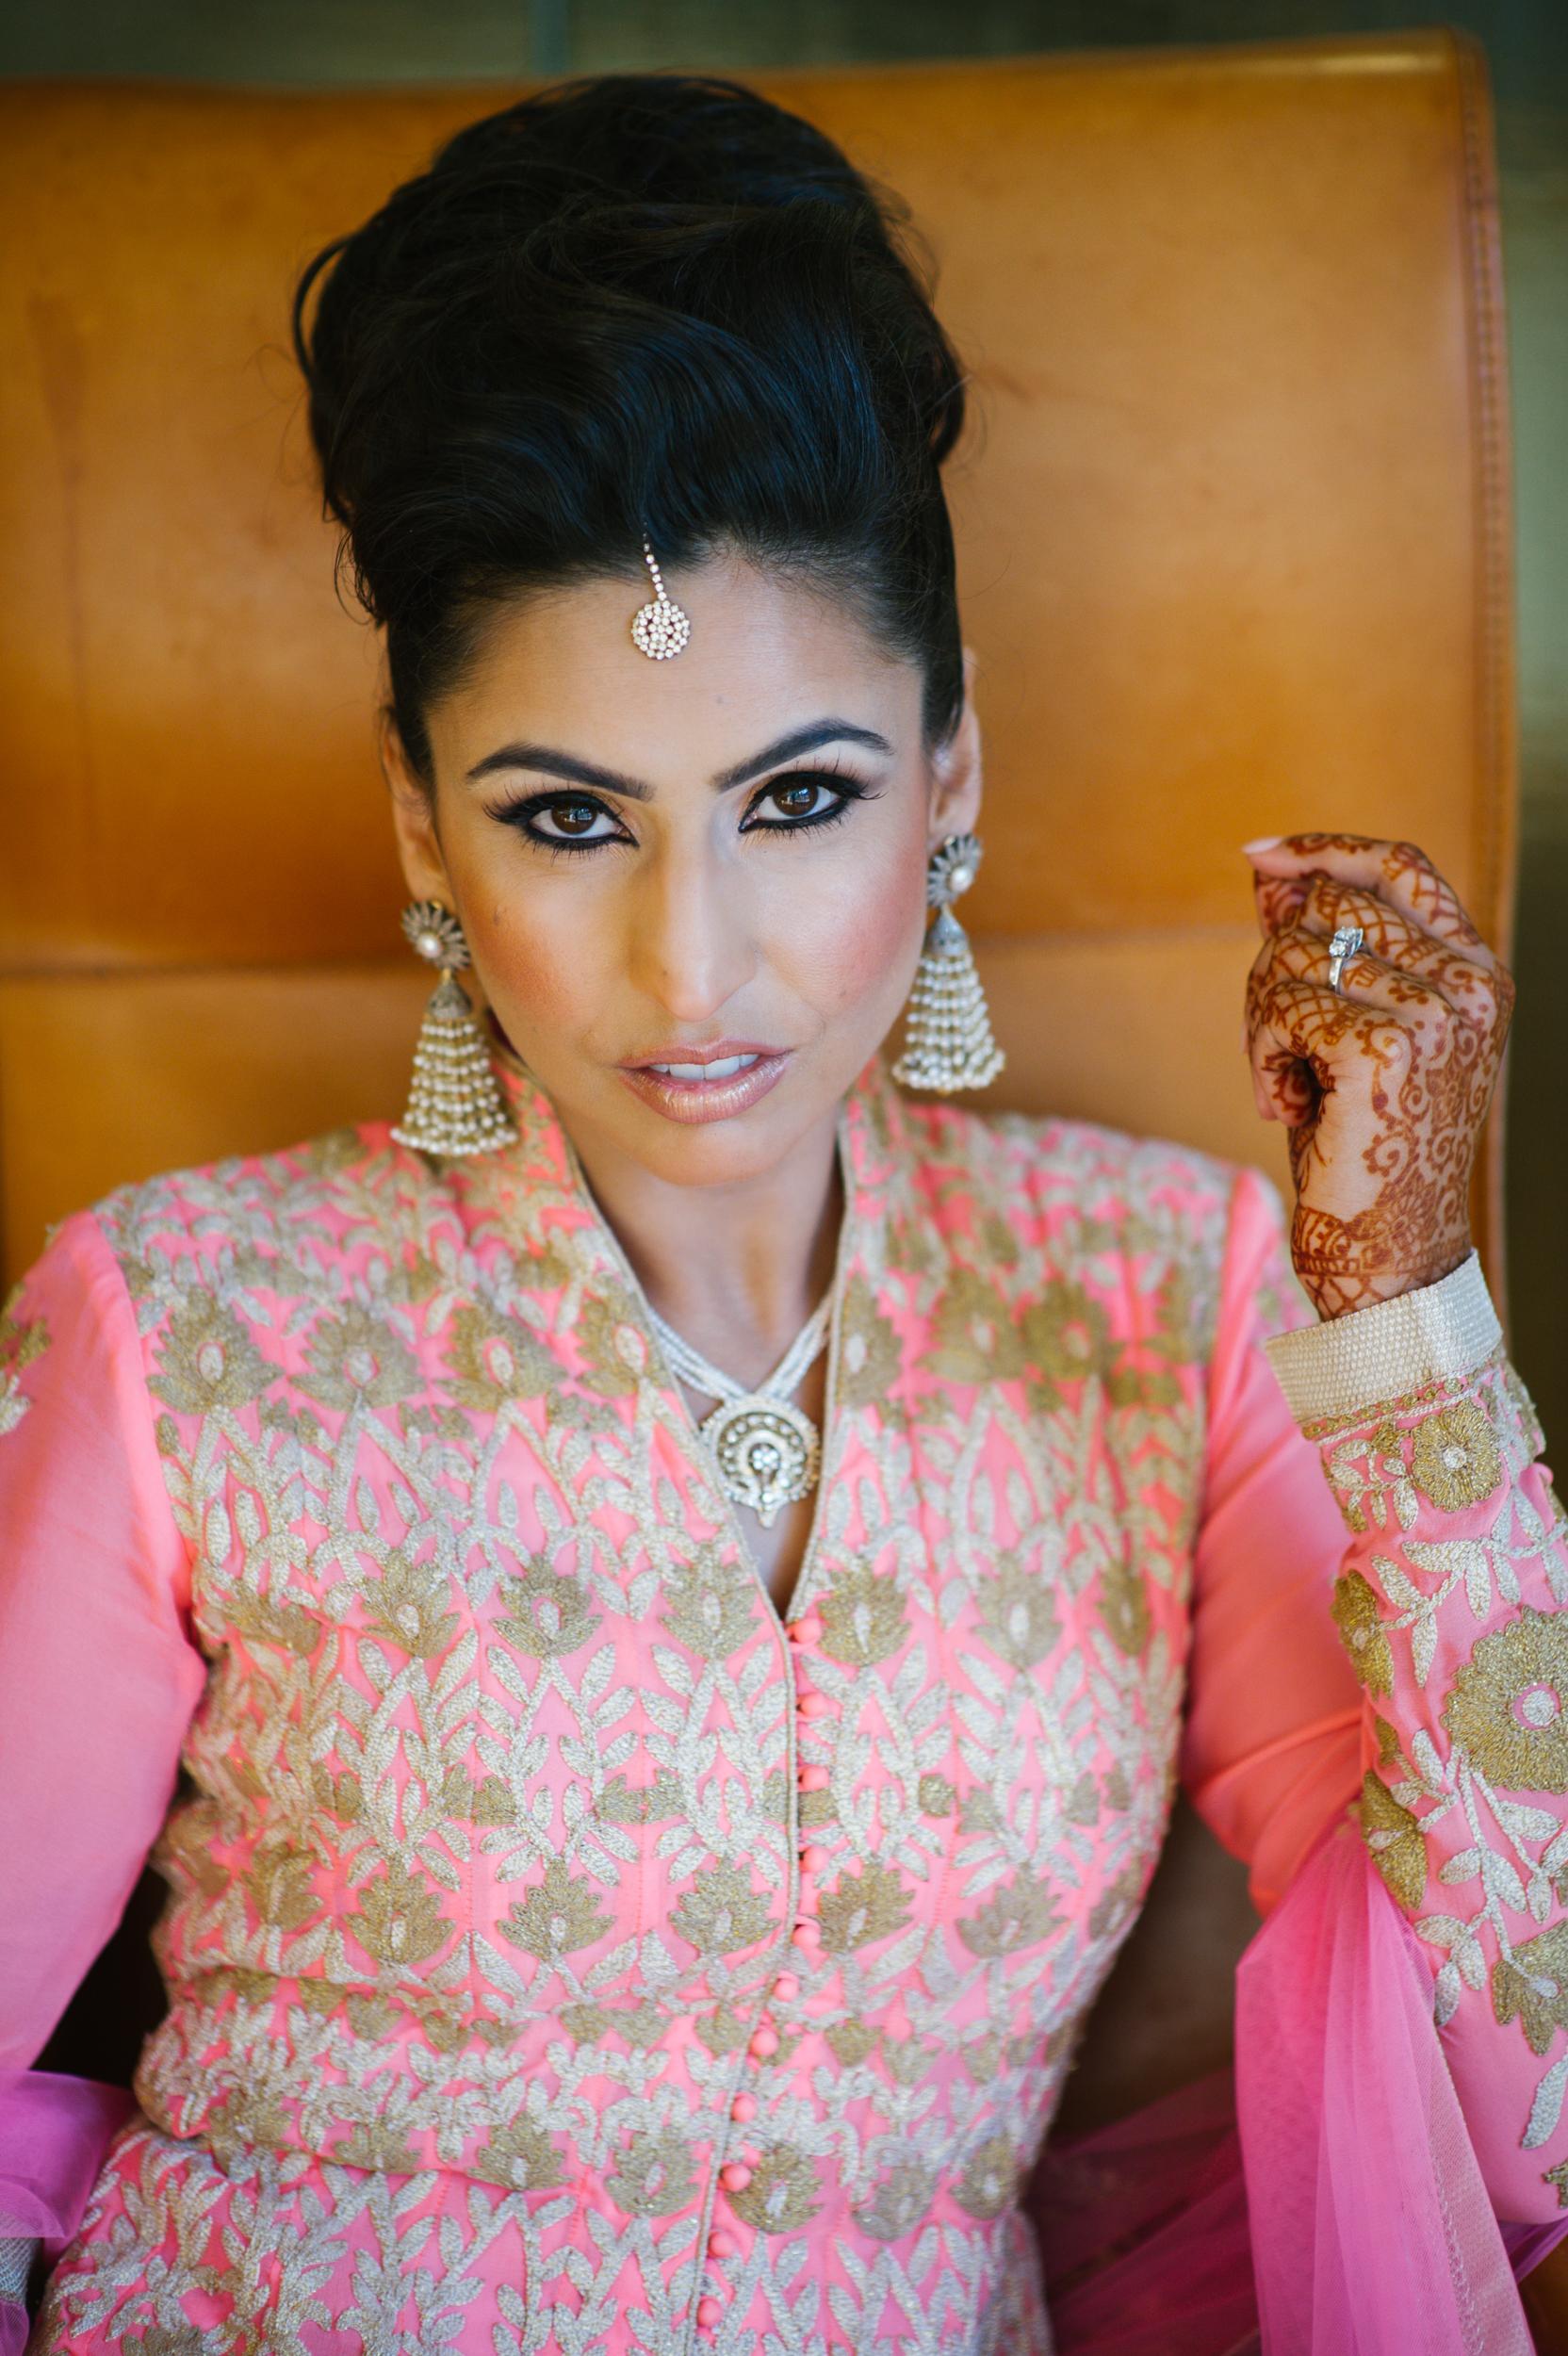 JKP_Indian_Weddings_0130.JPG